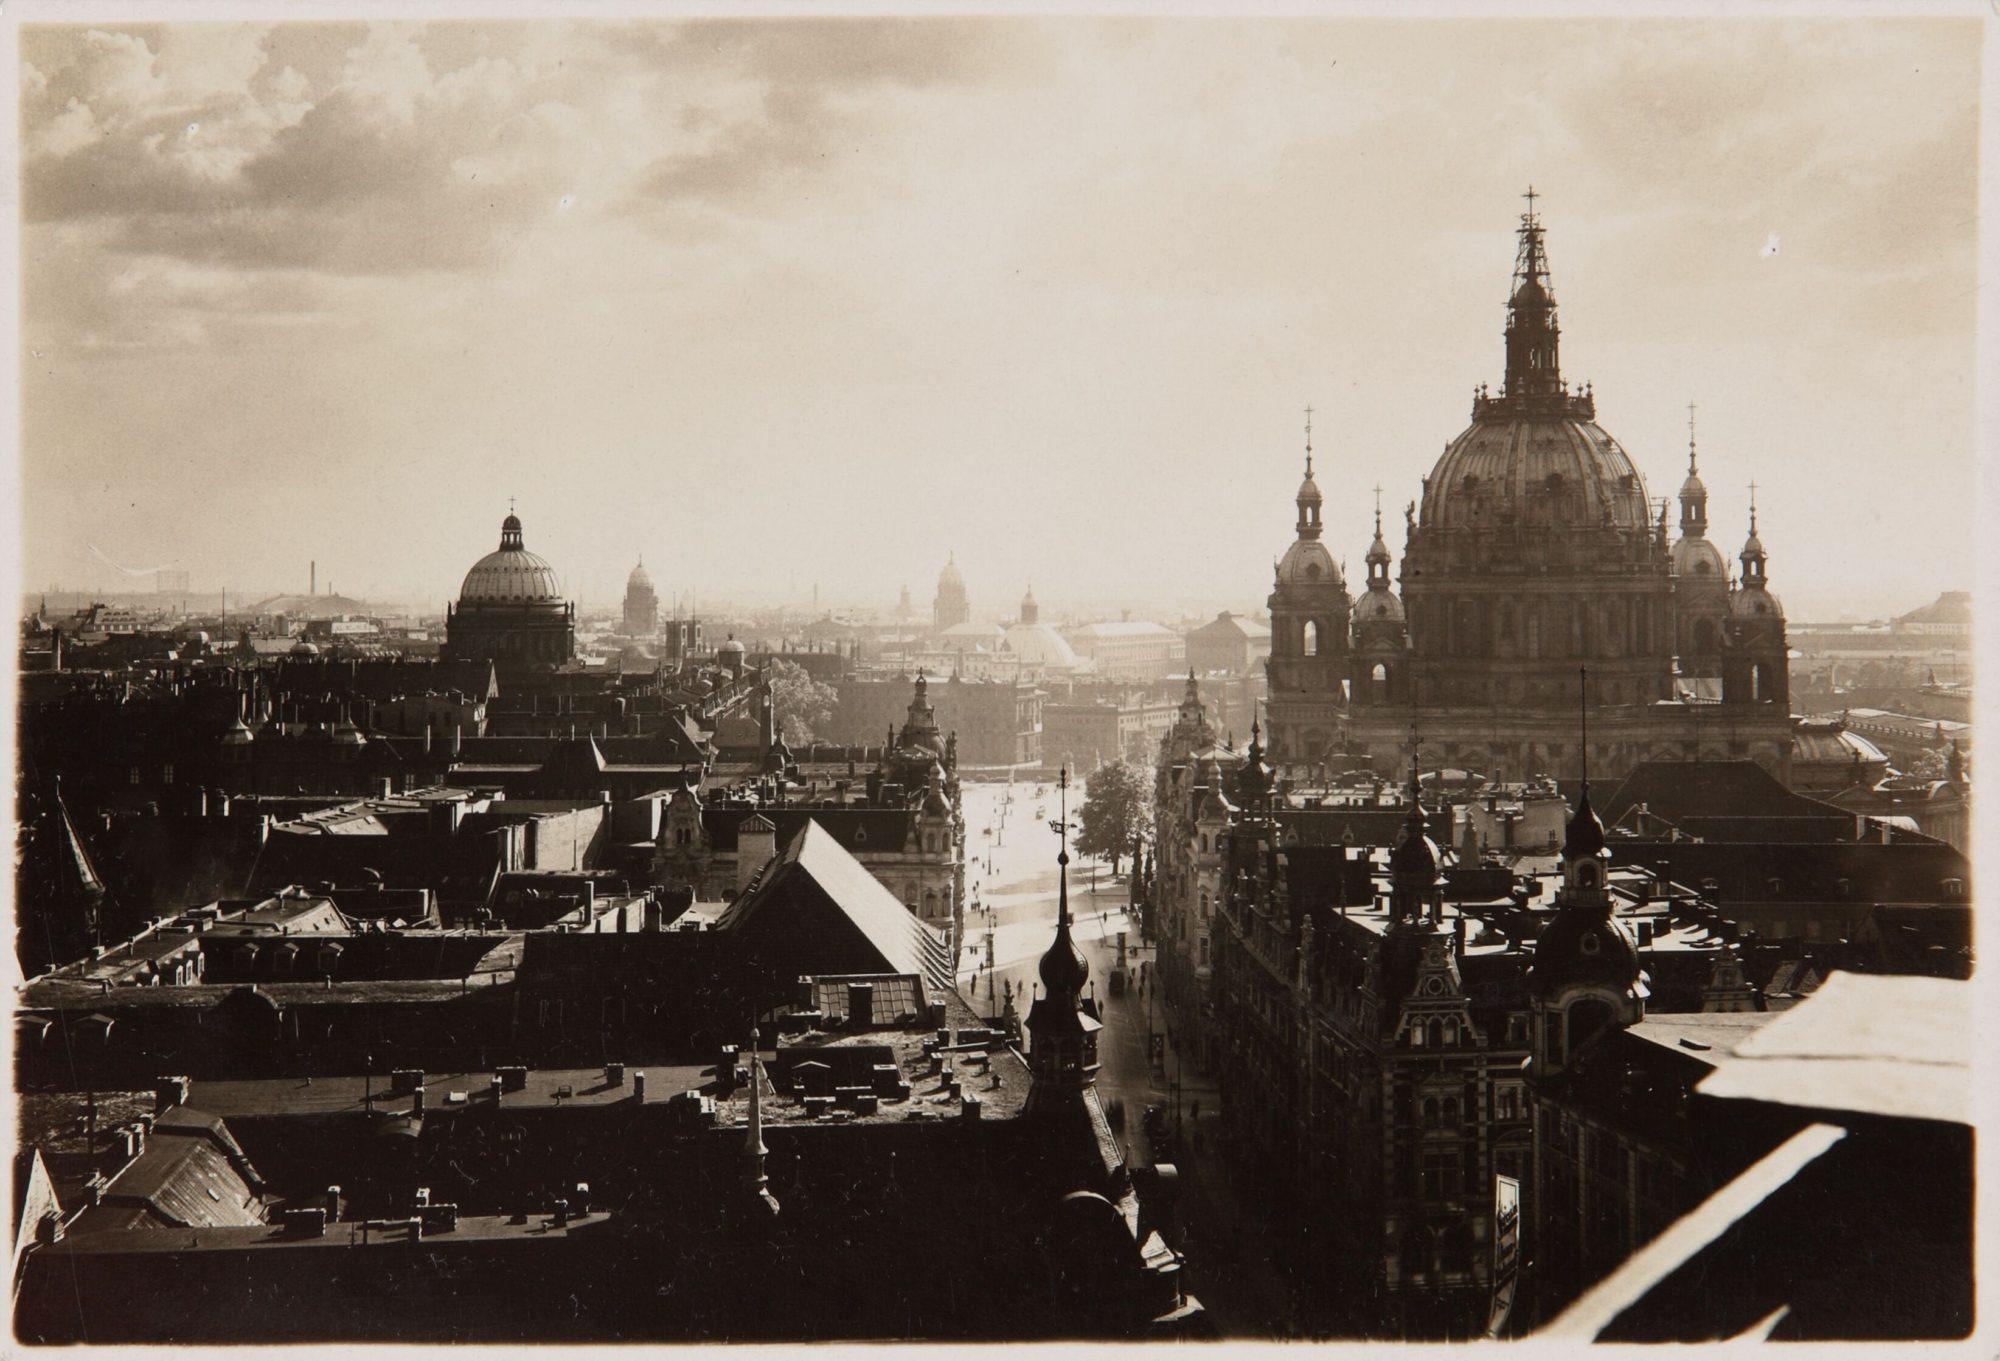 Photographie de Berlin en 1920